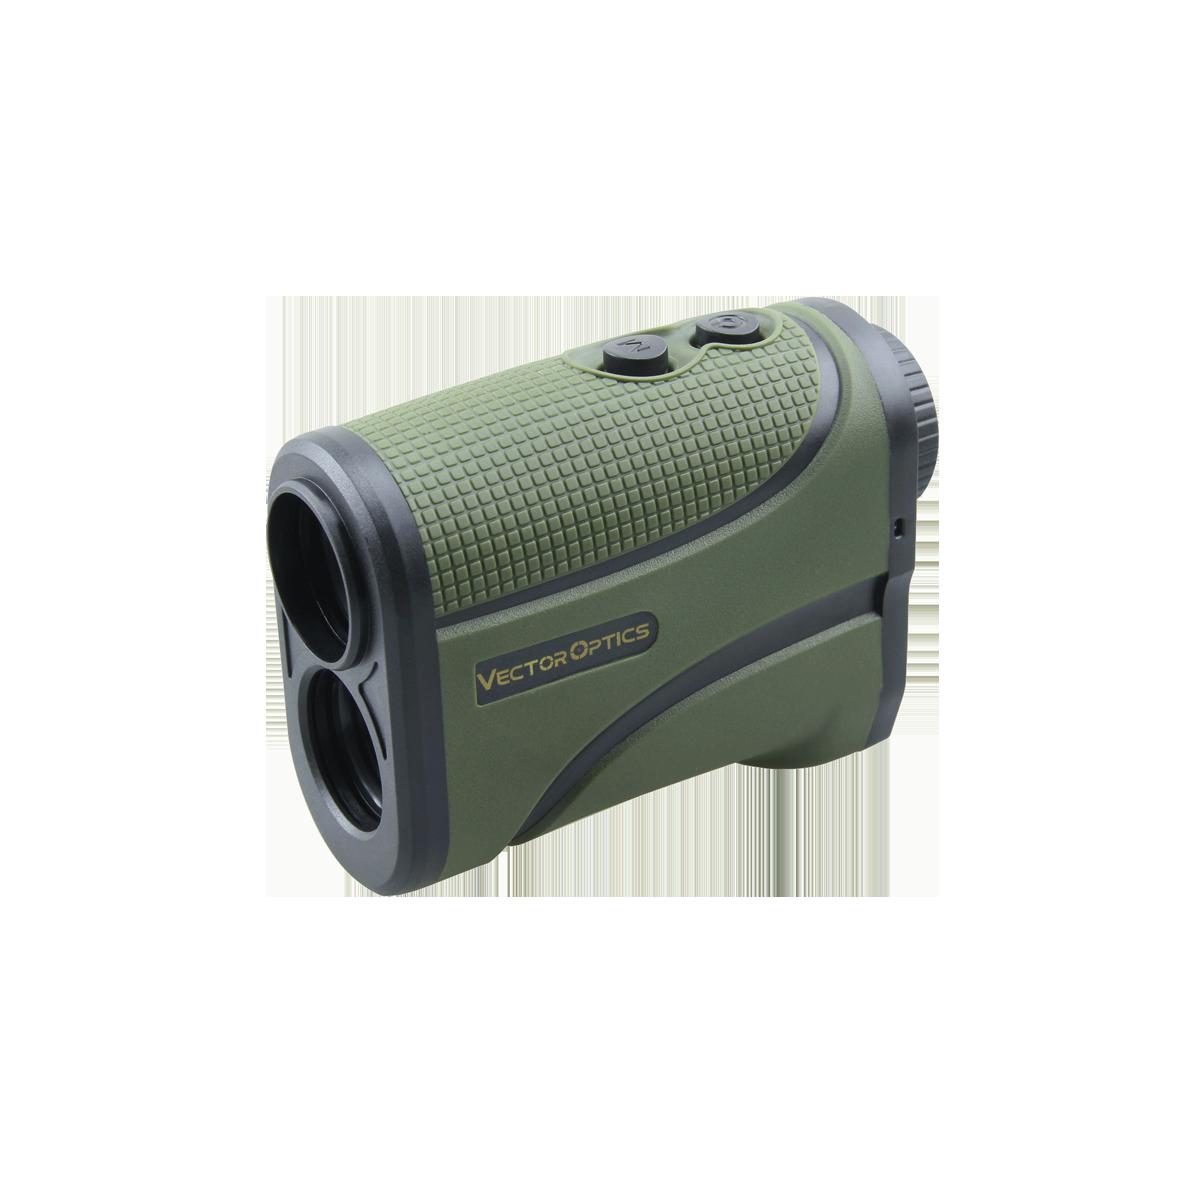 Paragon 6x25 LCD Rangefinder GenII 2000 Yards